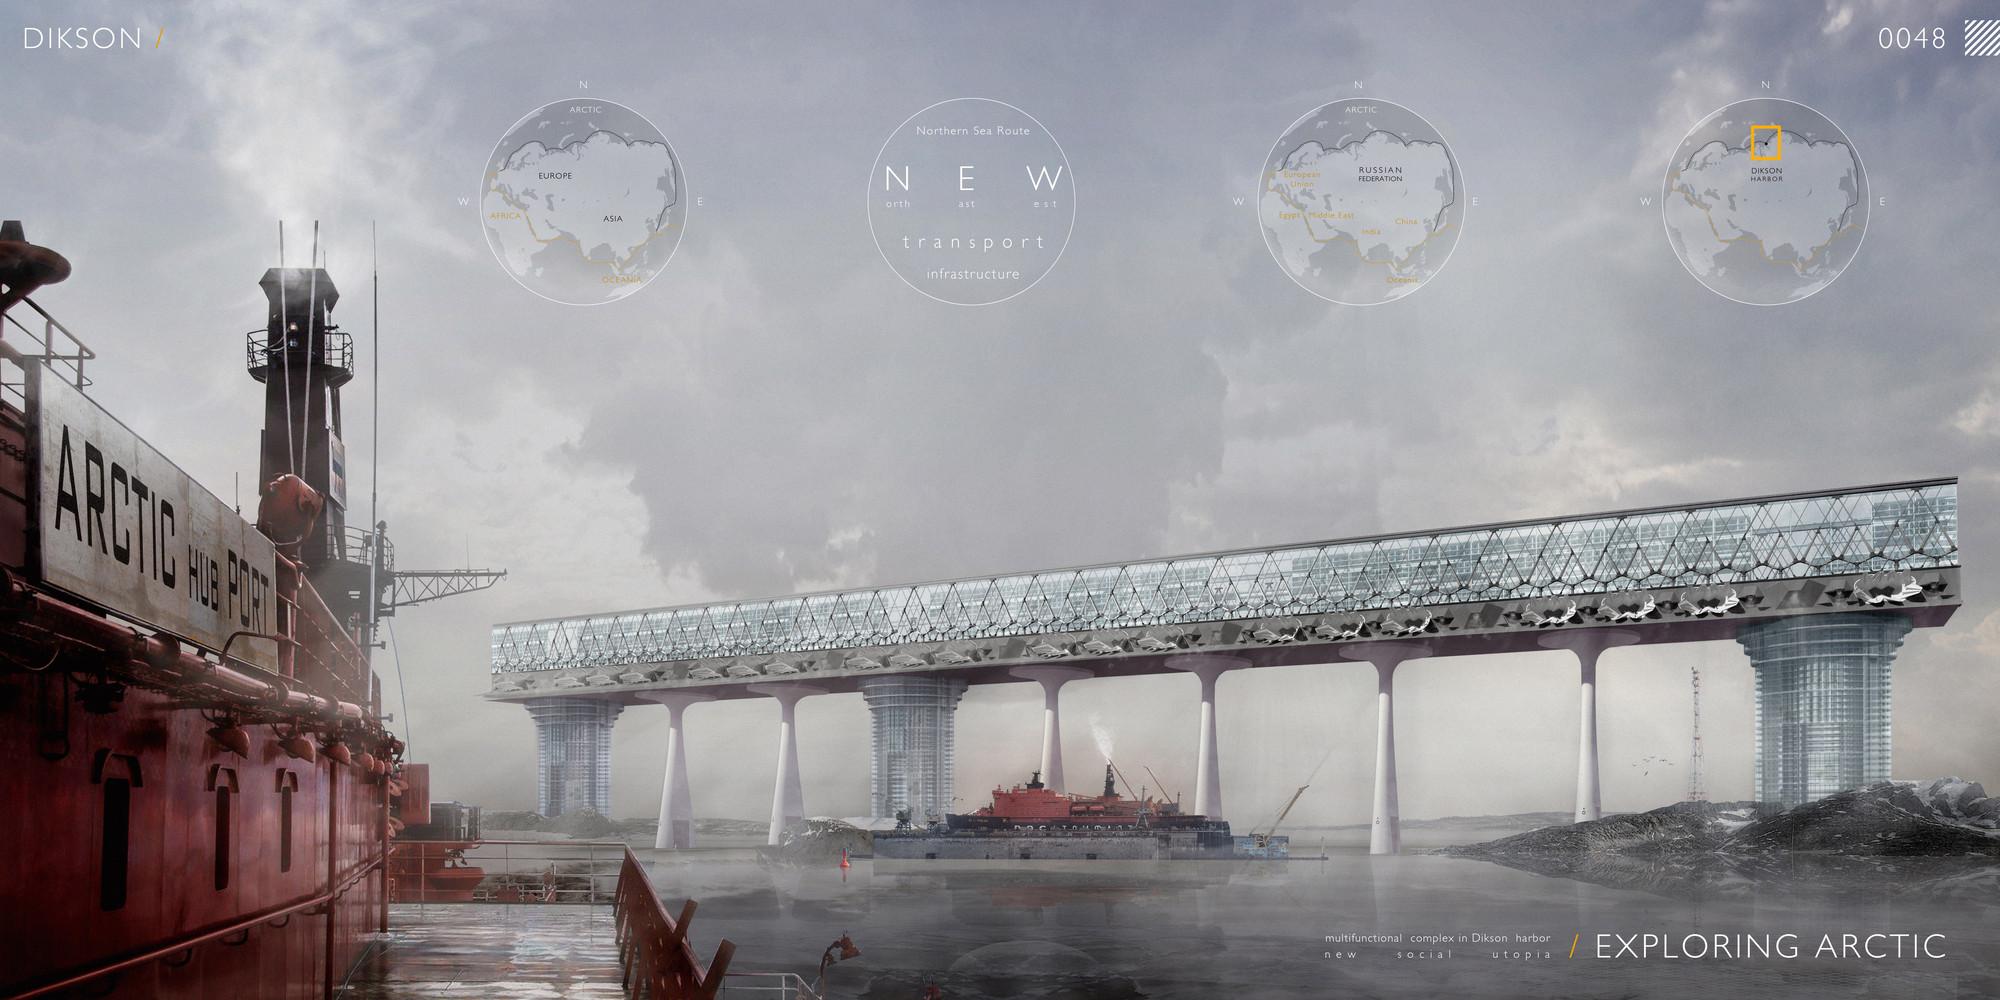 """Mención honrosa: """"Exploring Arctic: Multifunctional Complex in Dikson Harbor"""" / Nikolay Zaytsev, Elizaveta Lopatina.  Imagen cortesía de eVolo"""